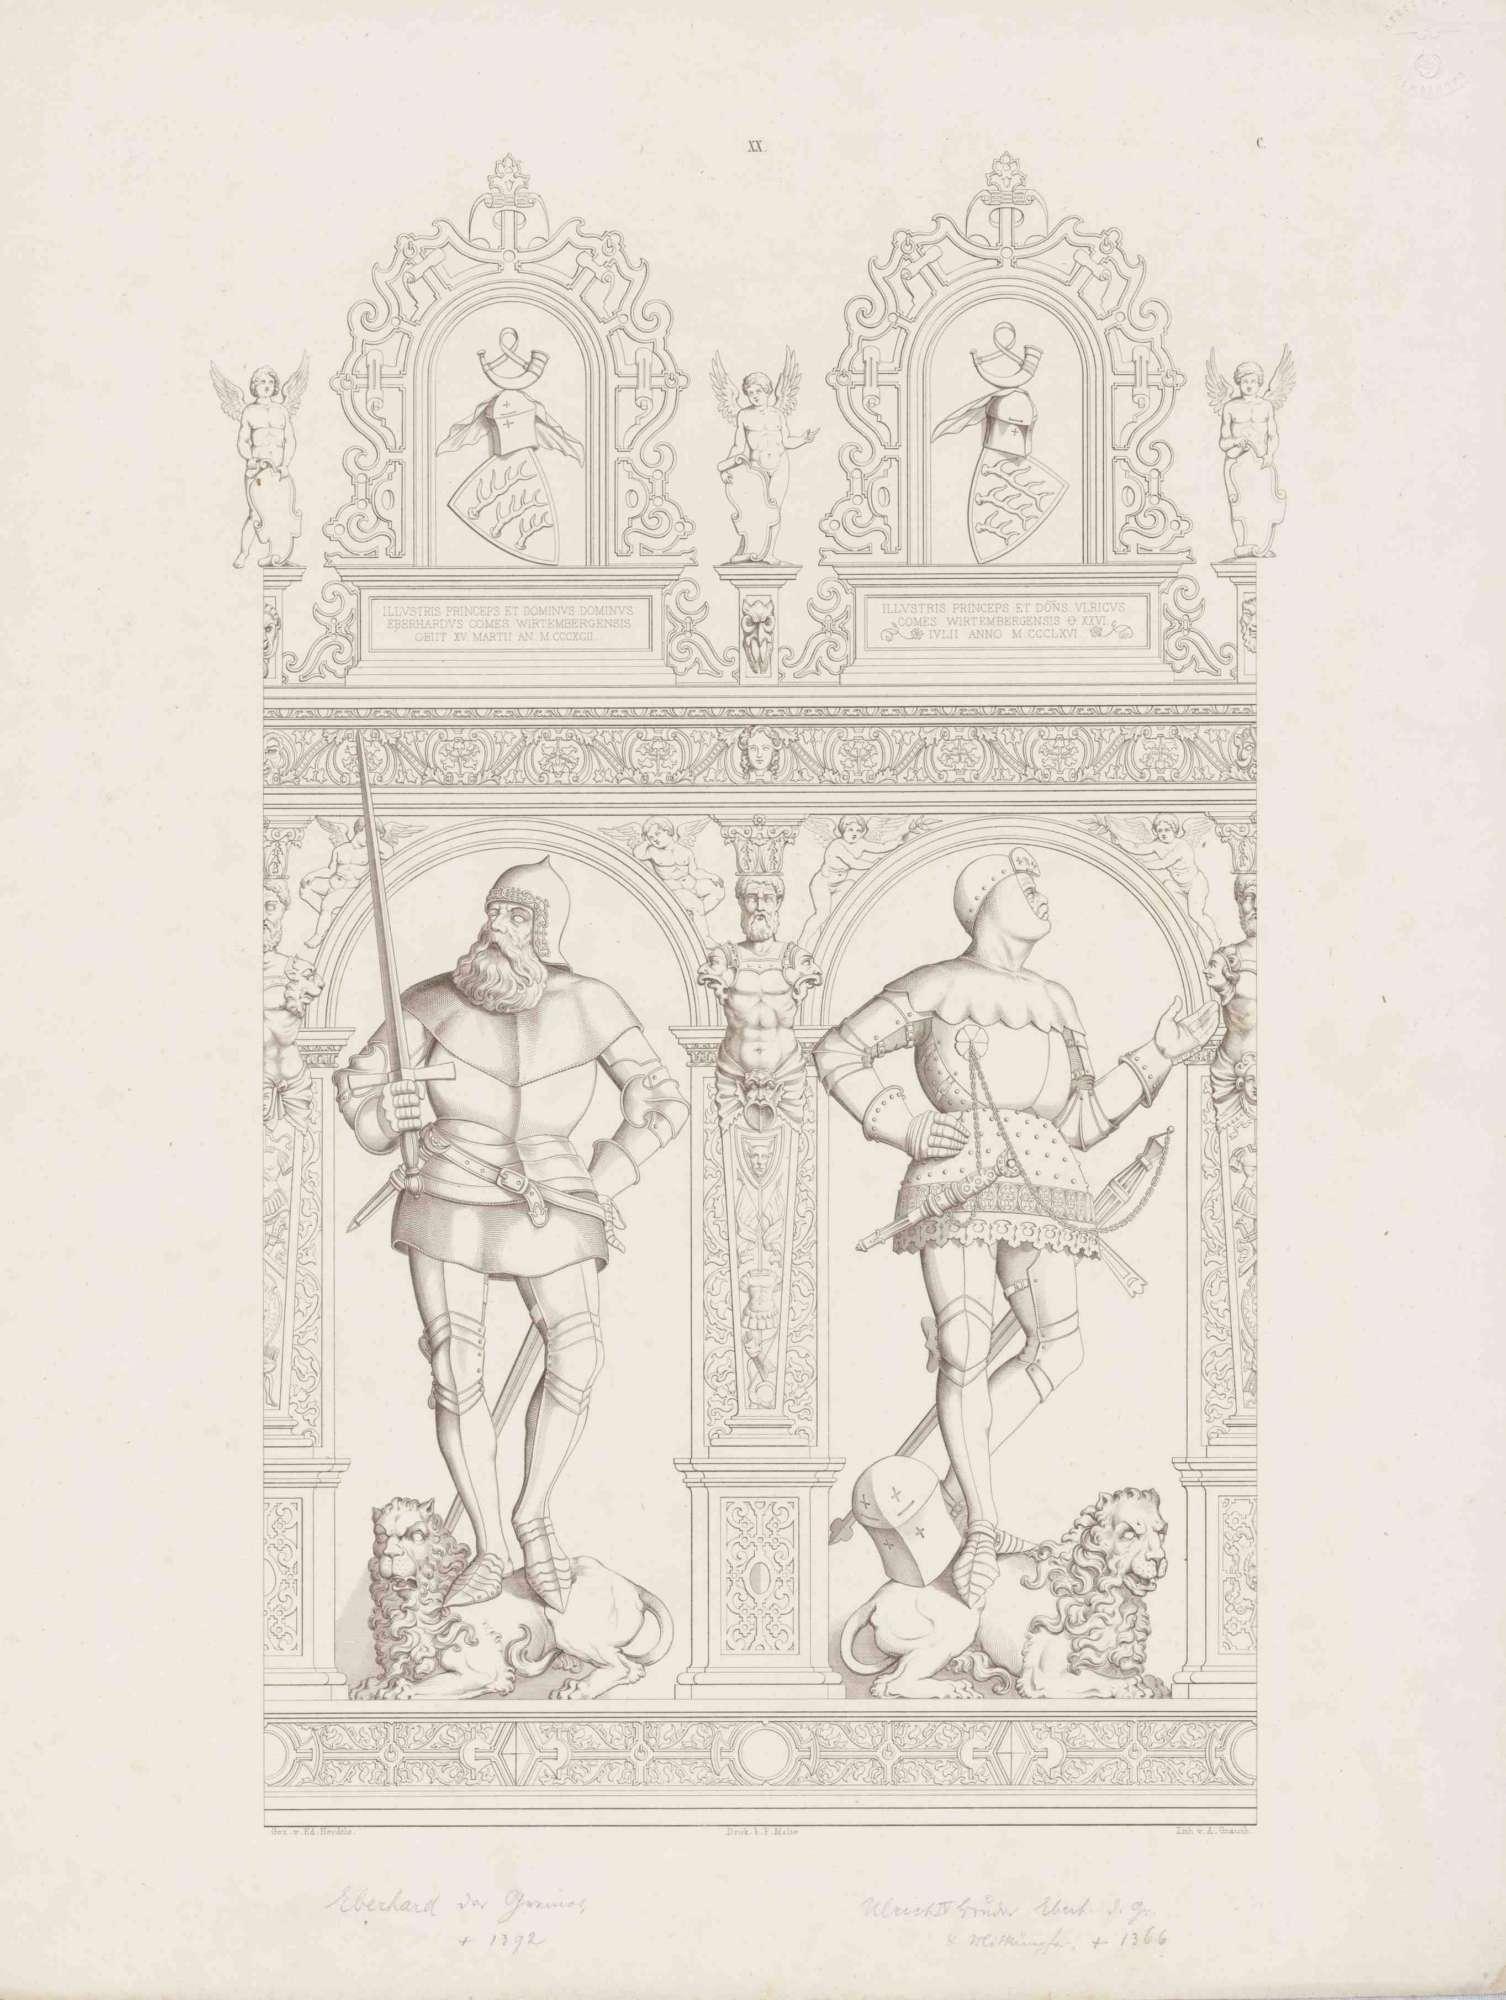 Graf Eberhard (der Greiner), Graf Ulrich IV., in Renaissancerahmen mit Wappen und Inschrift darüber, beide in Rüstungen auf Löwen stehend, Bild 1